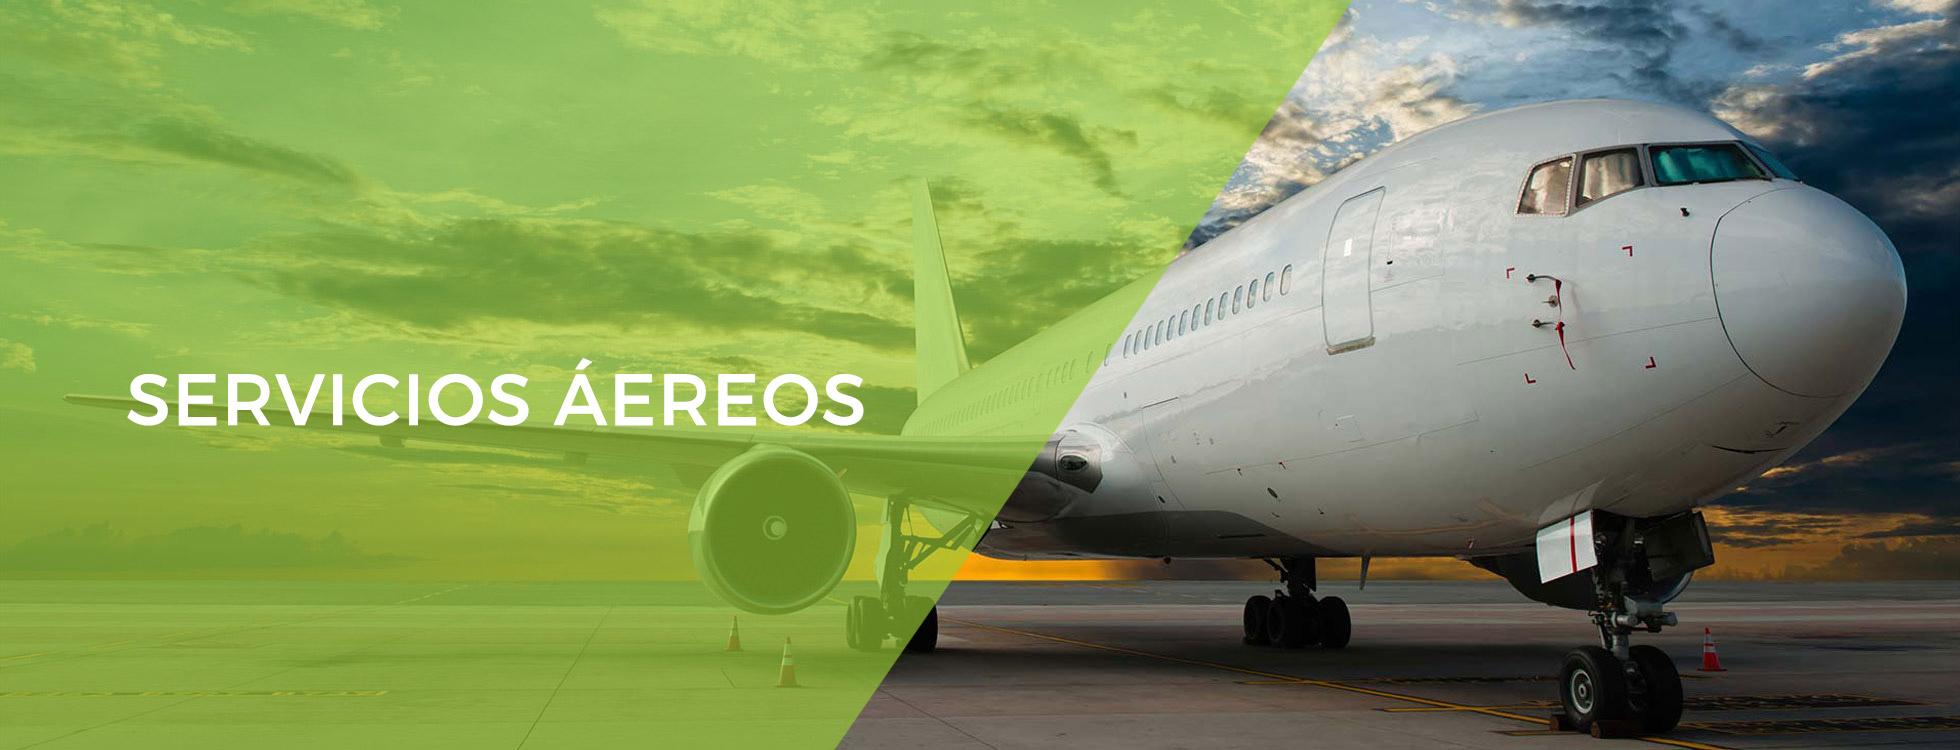 banner3-servicio-aereo-es